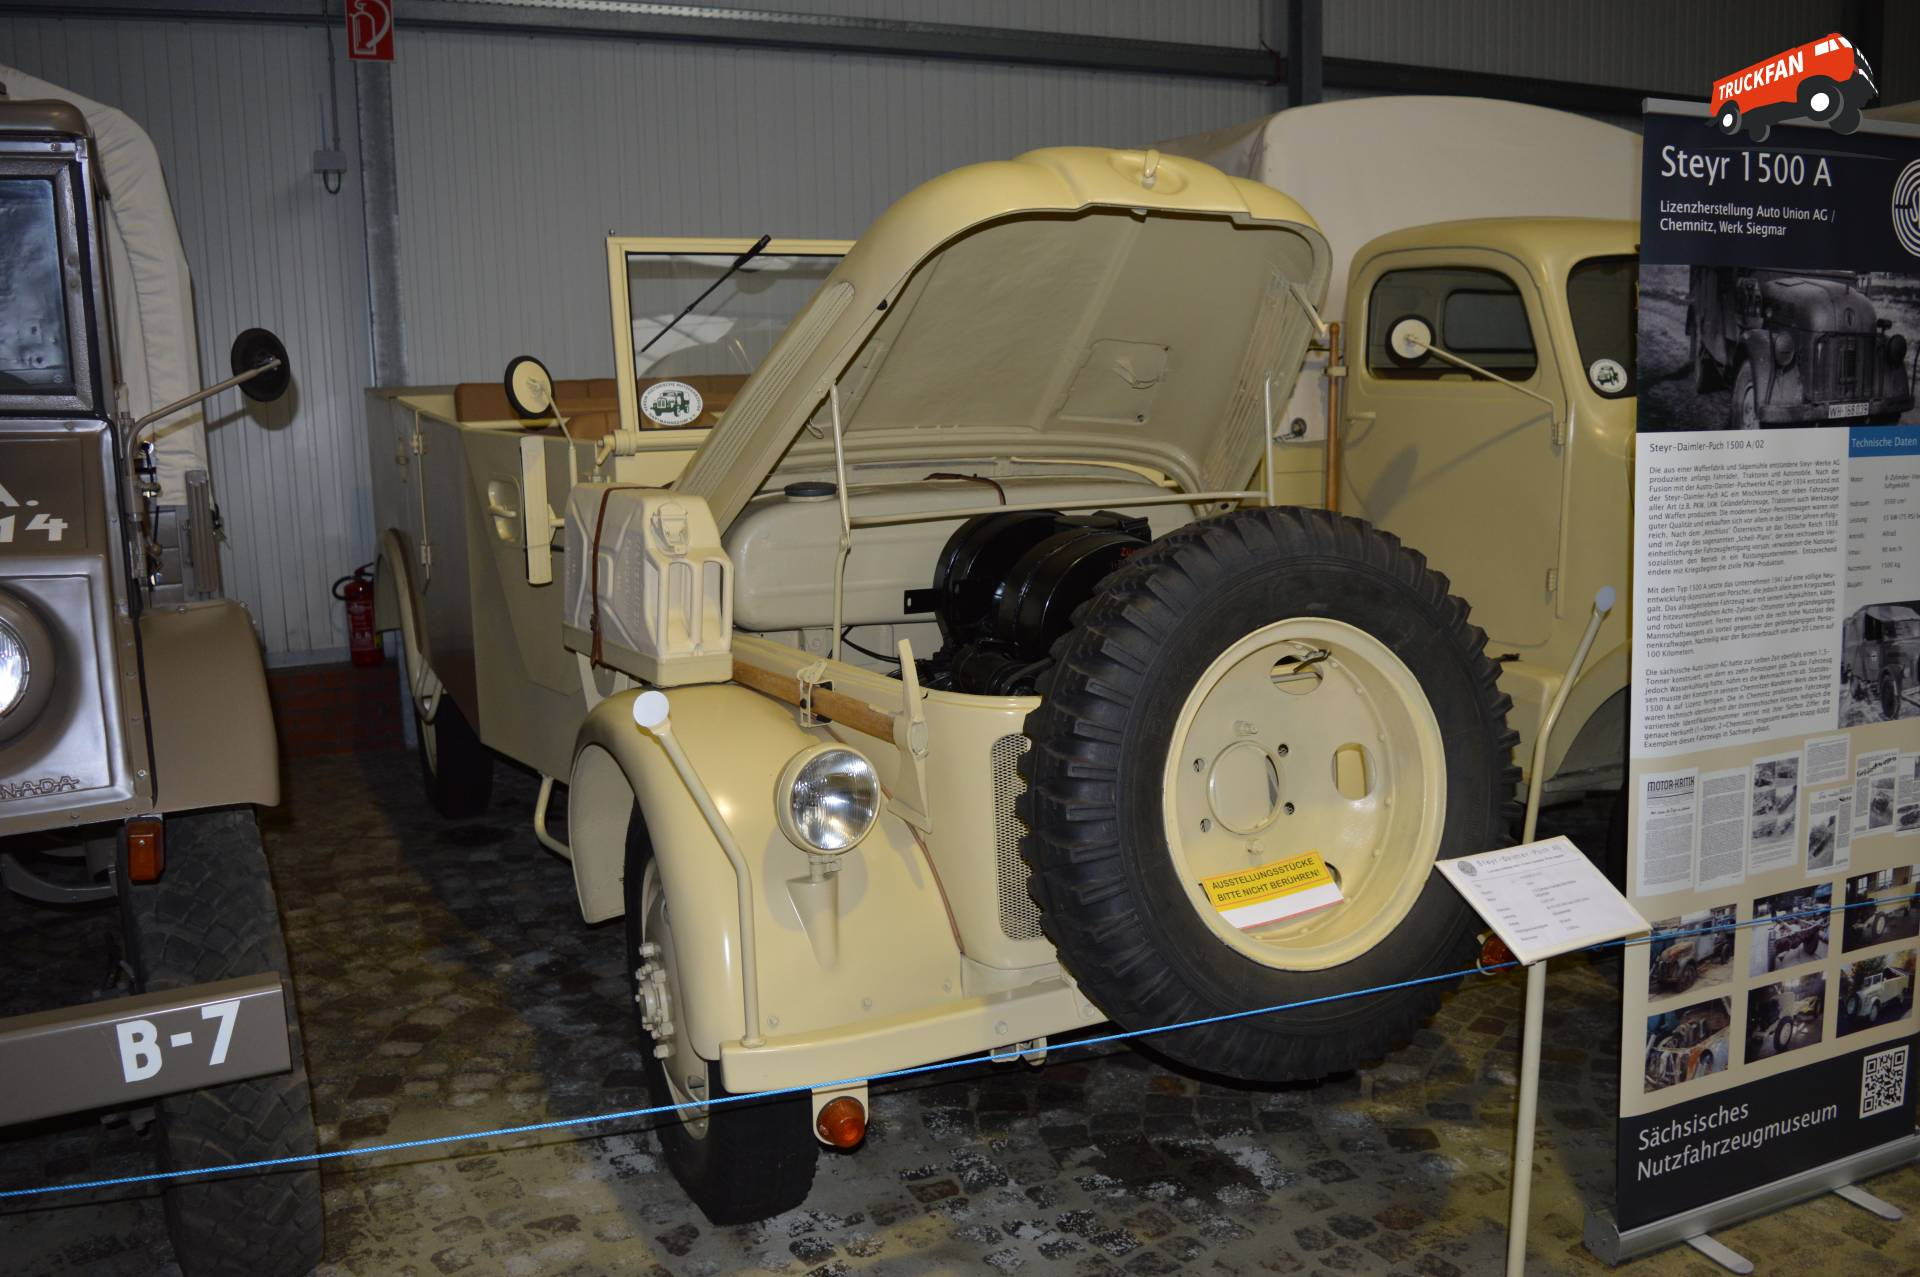 Auto Union 1500A